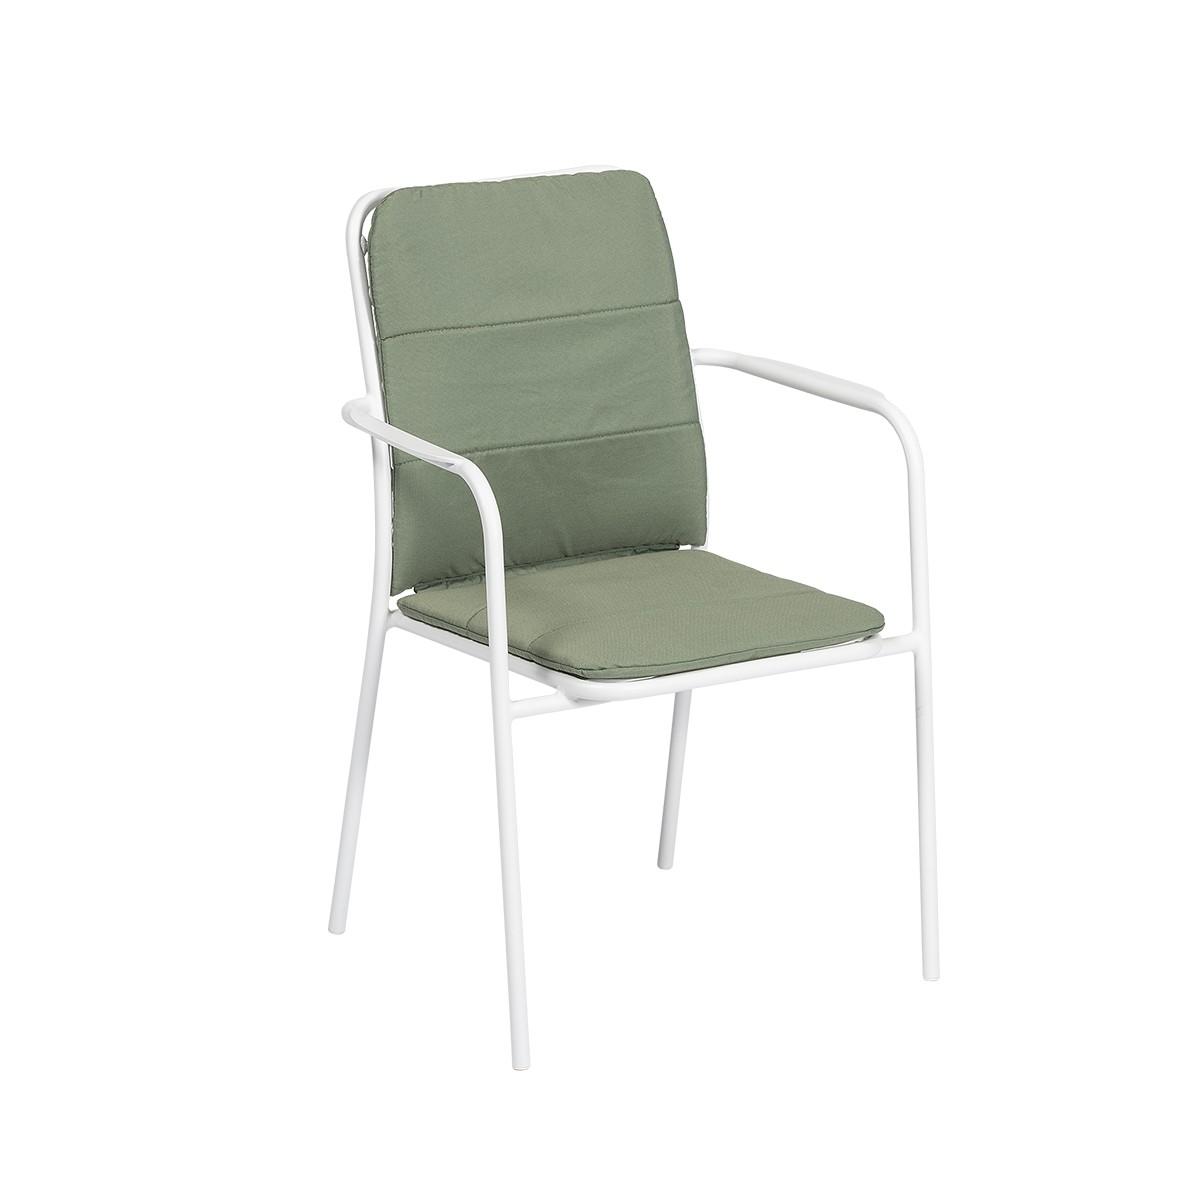 Sedia Ginger Con Braccioli, Struttura In Alluminio Bianco Con Seduta/cuscino Verde.